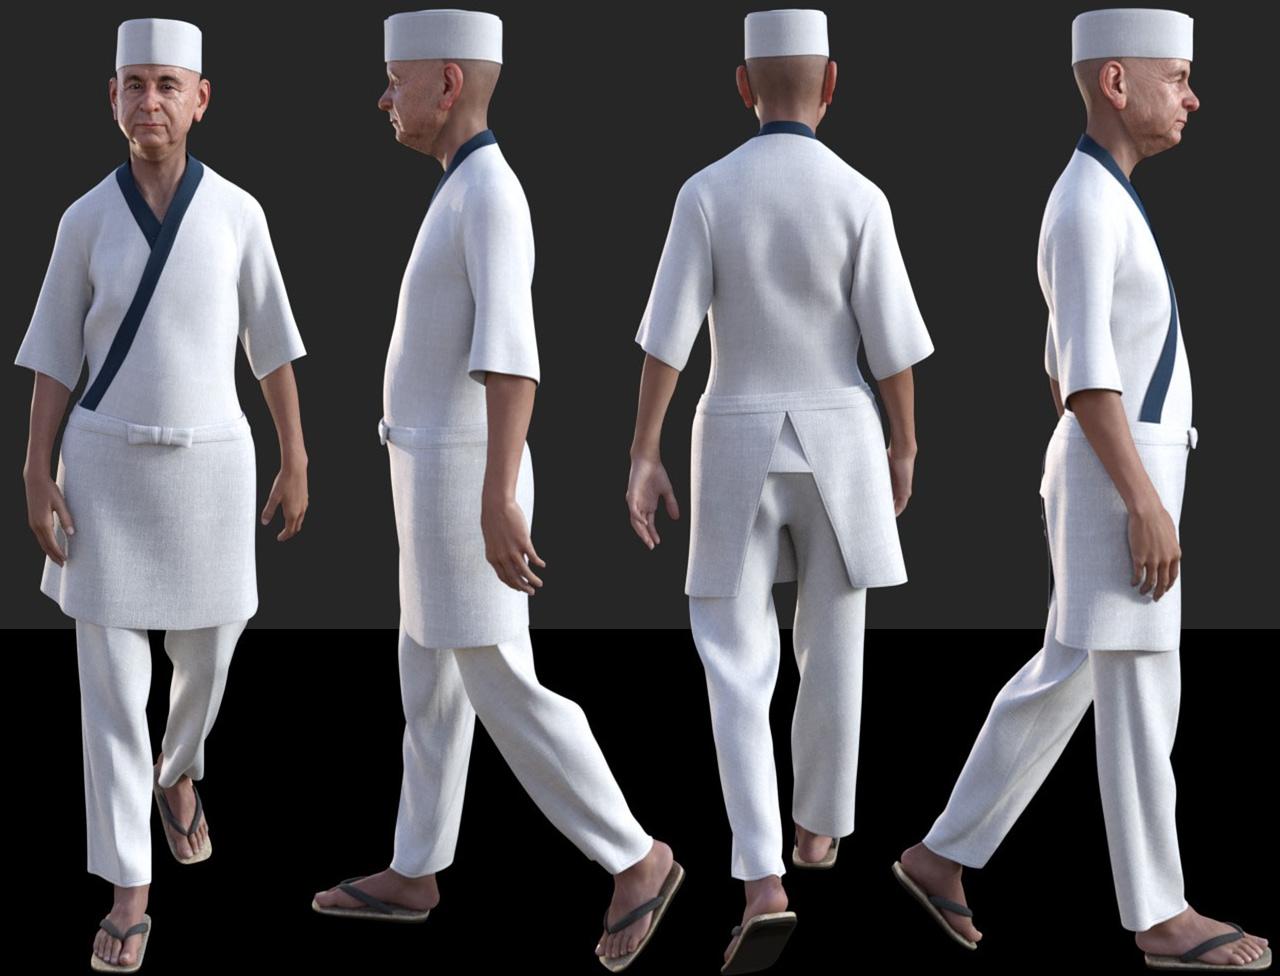 dforce itamae outfit genesis male